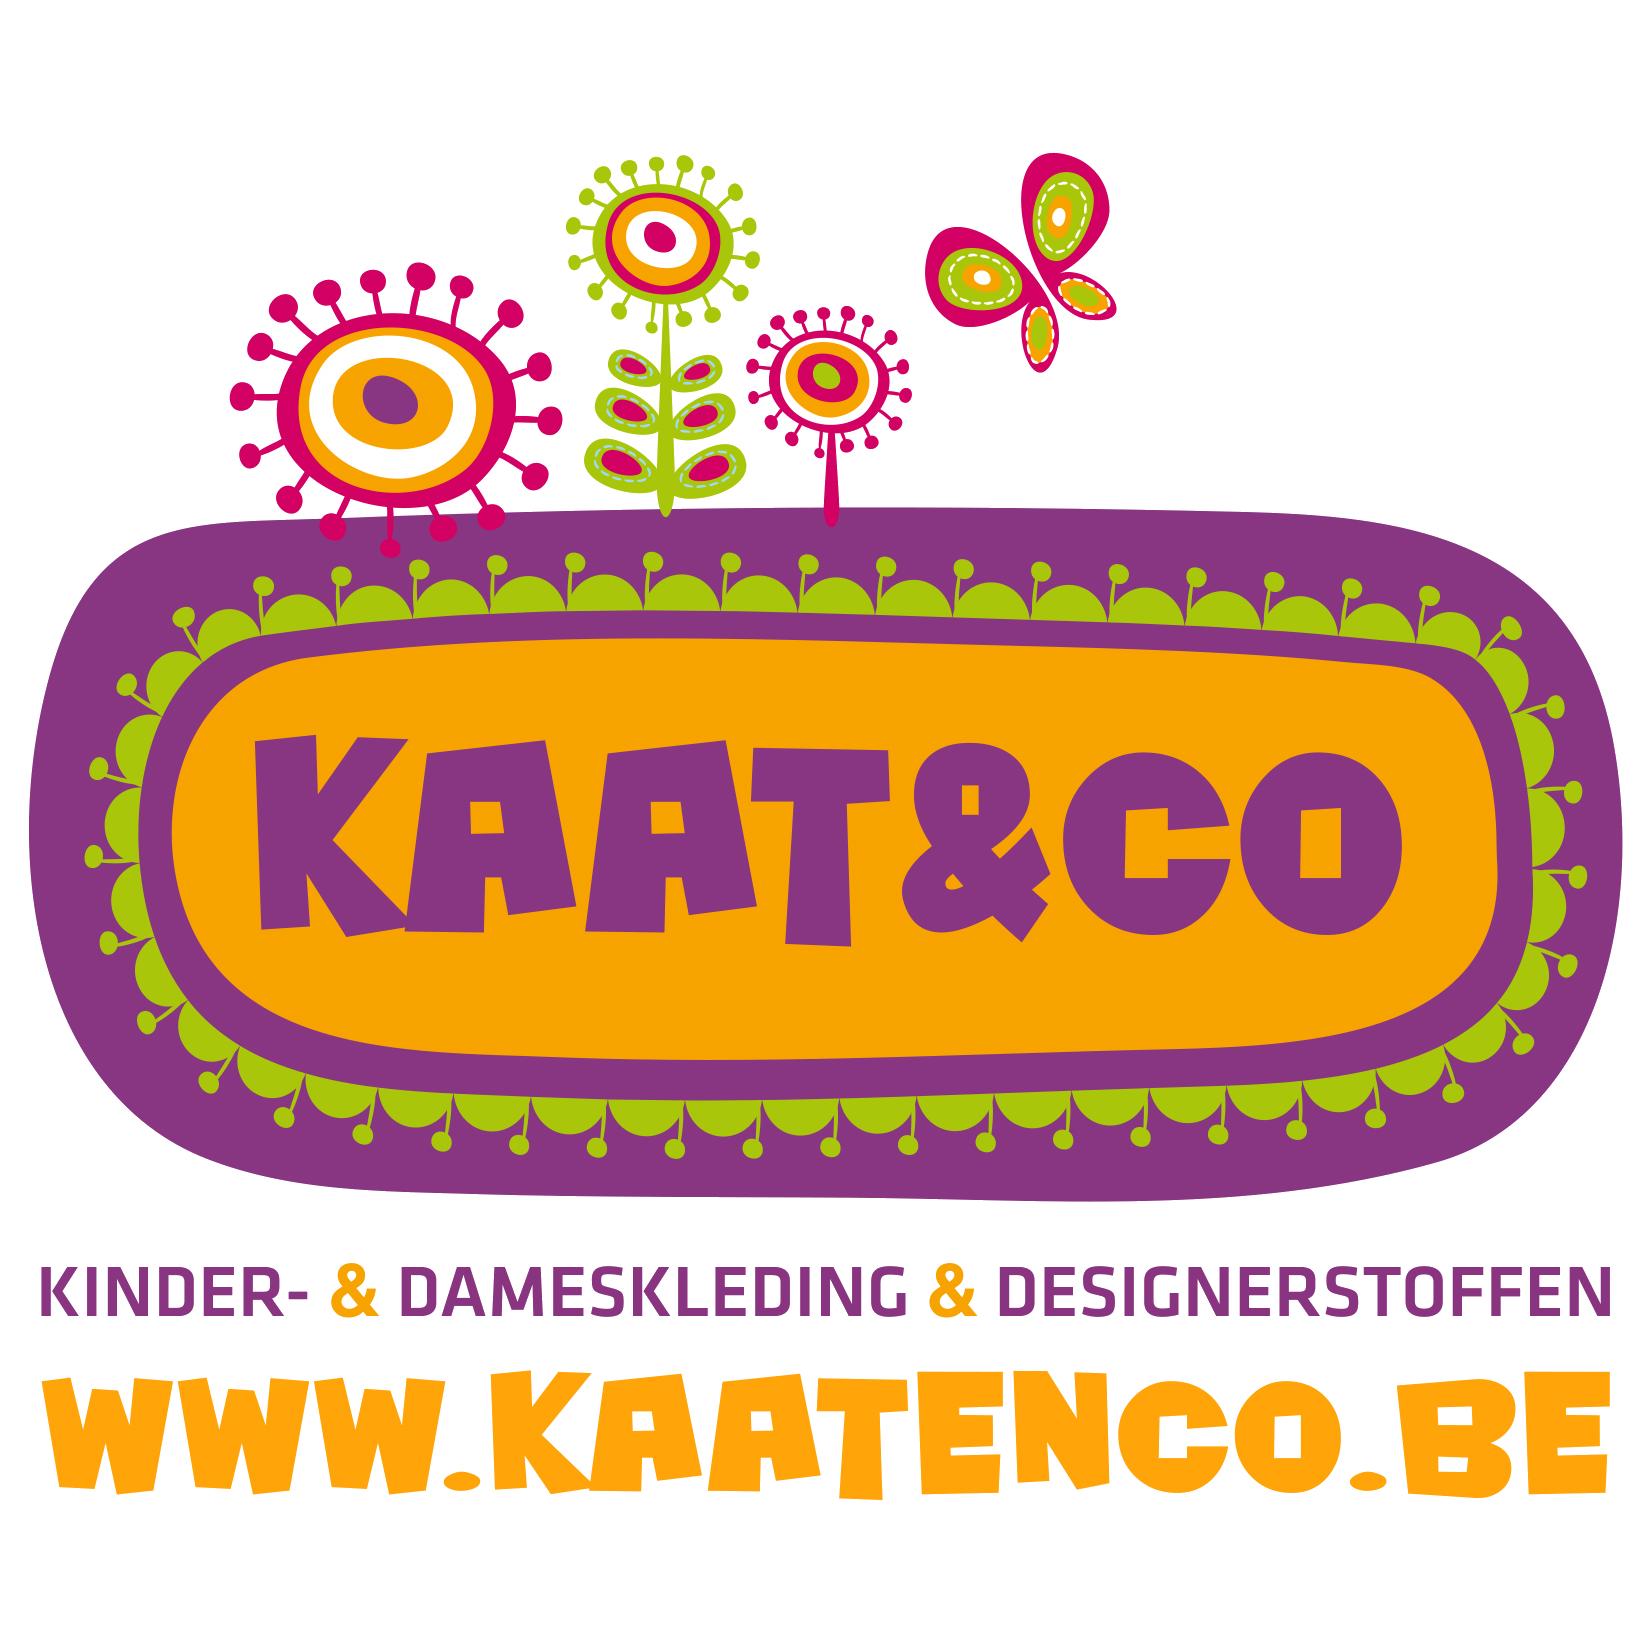 logo kaatenco